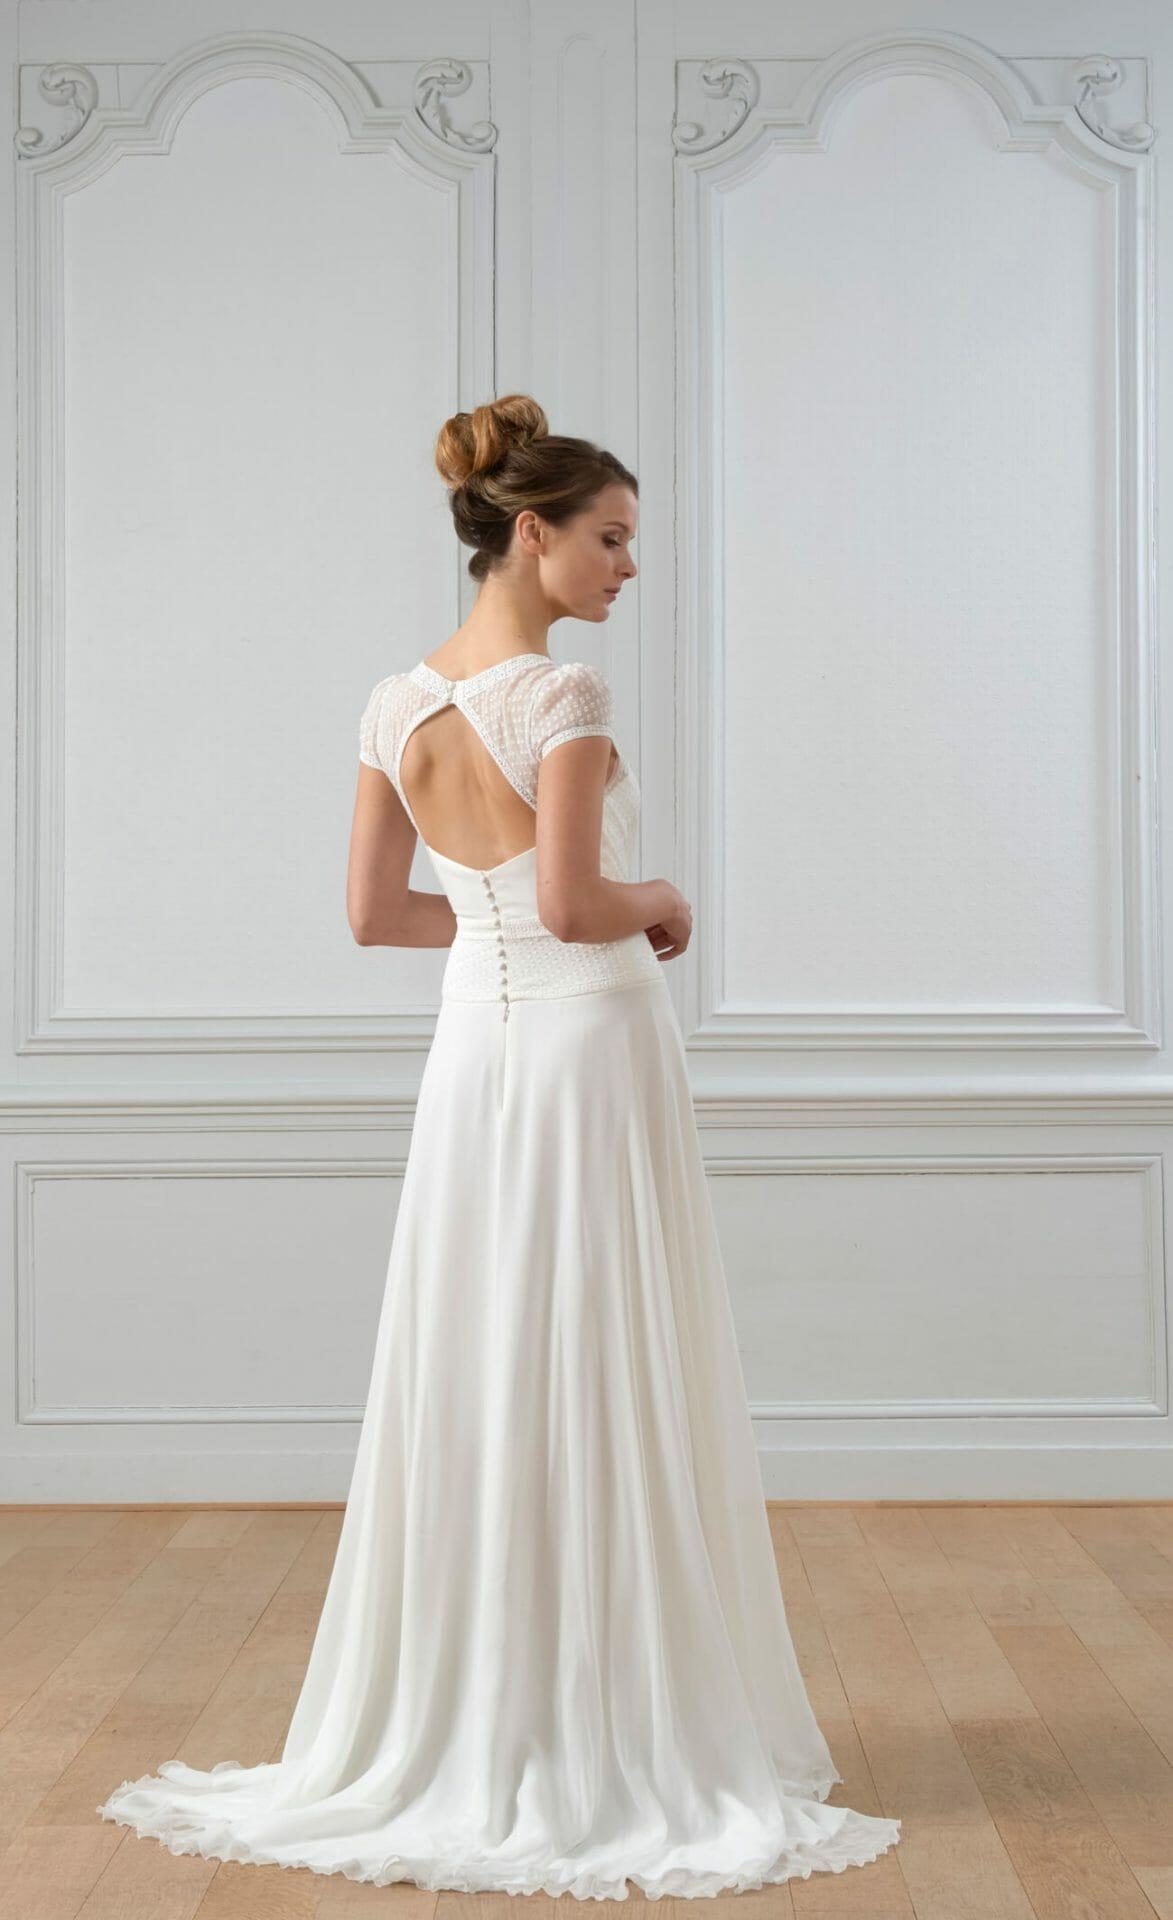 La robe de mariée Emmanuel, style vintage, vue de dos, fabriquée en France par Lambert Créations pour Croquelune